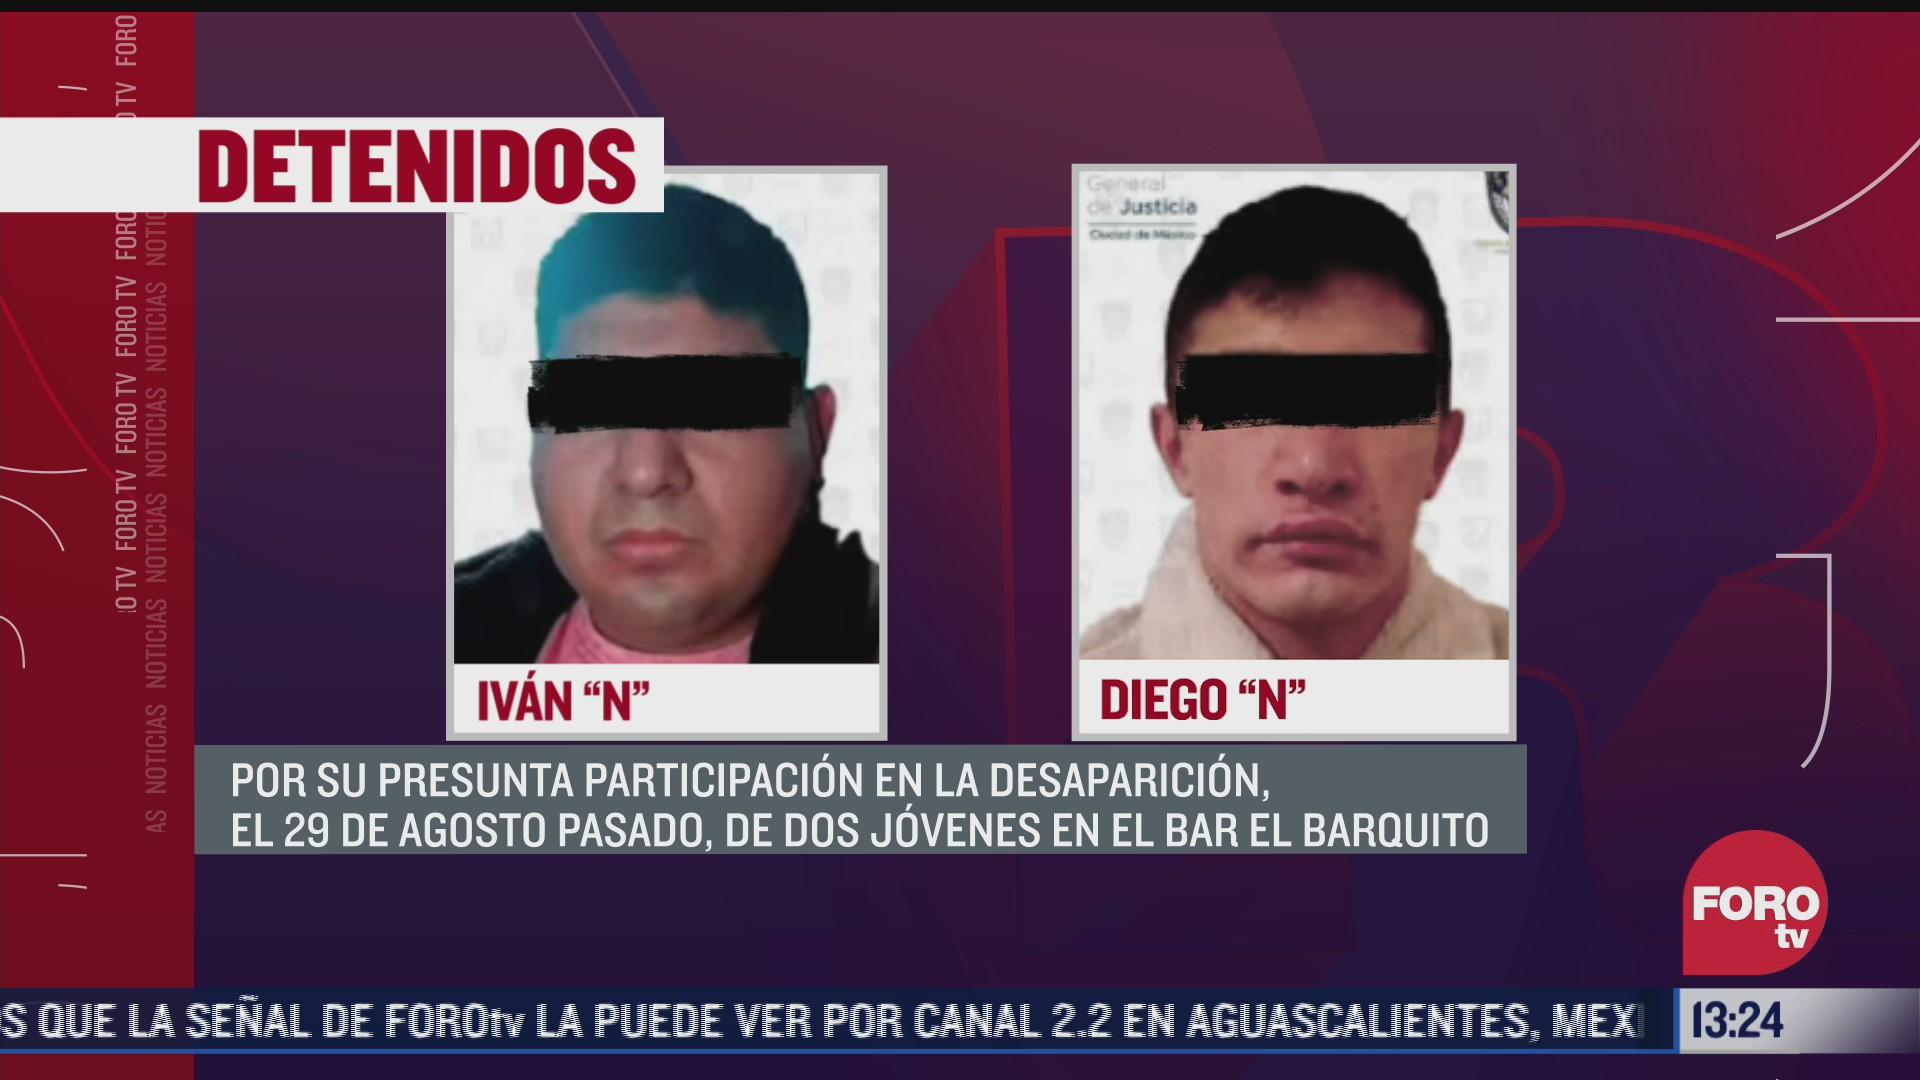 detienen a dos hombres por desaparicion de dos jovenes en el bar el barquito en agosto de